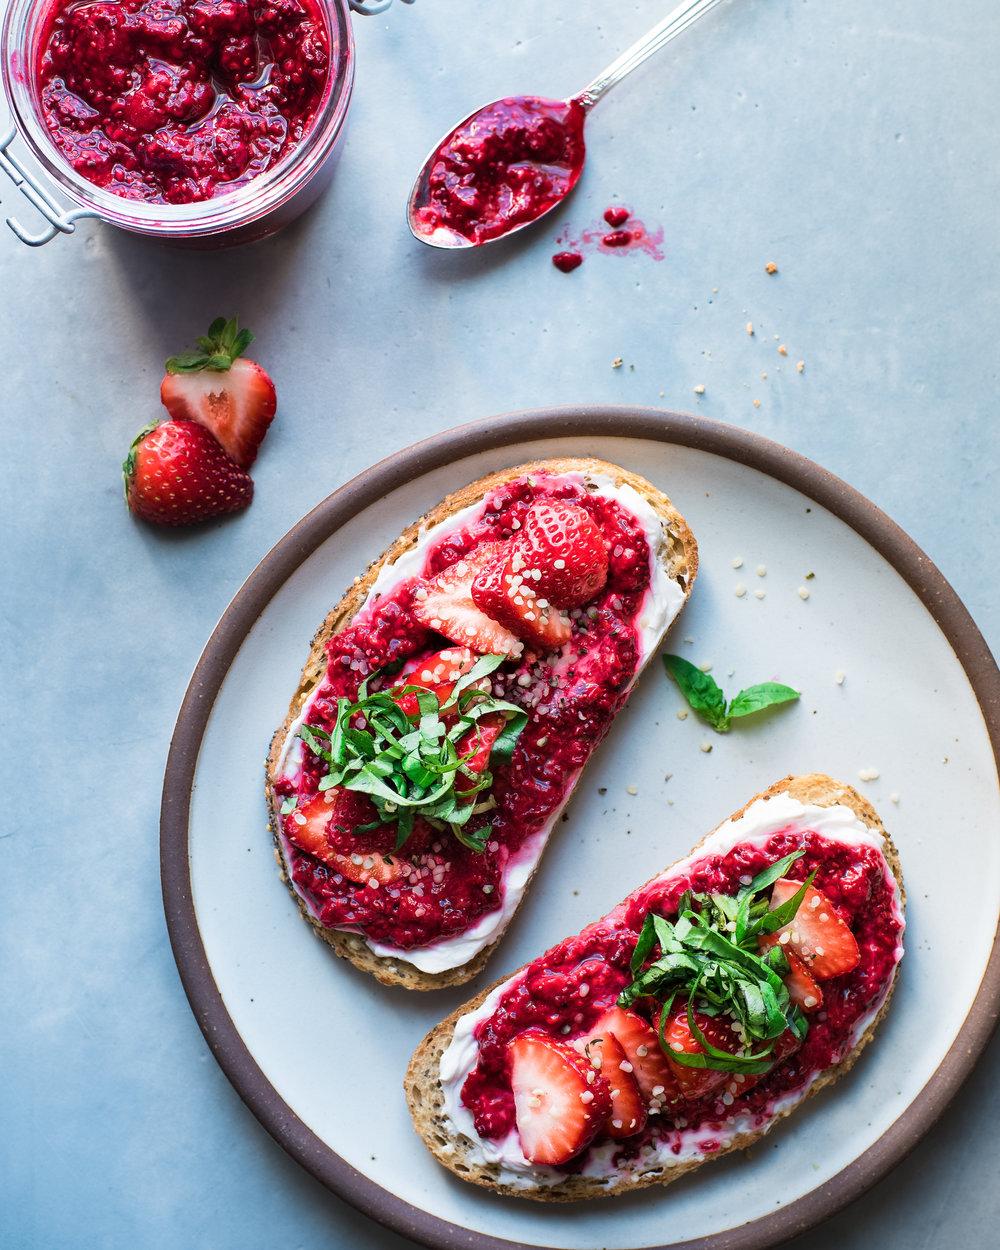 Raspberry Chia Jam - Vegan, Gluten-Free, Paleo